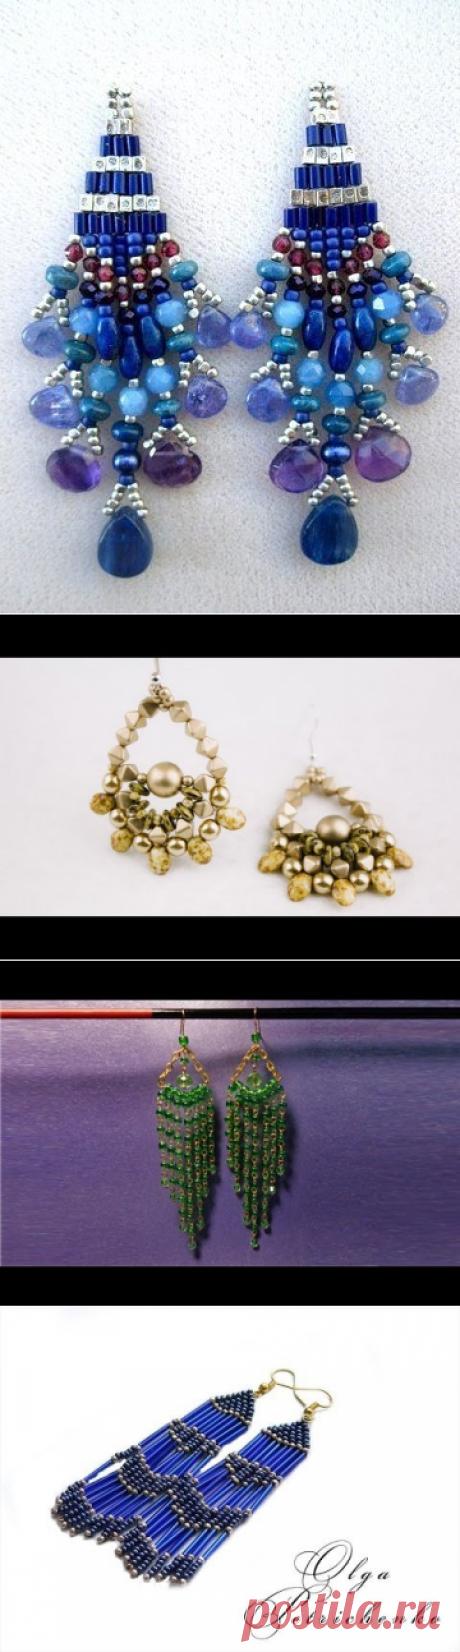 Search on Postila: earrings from beads